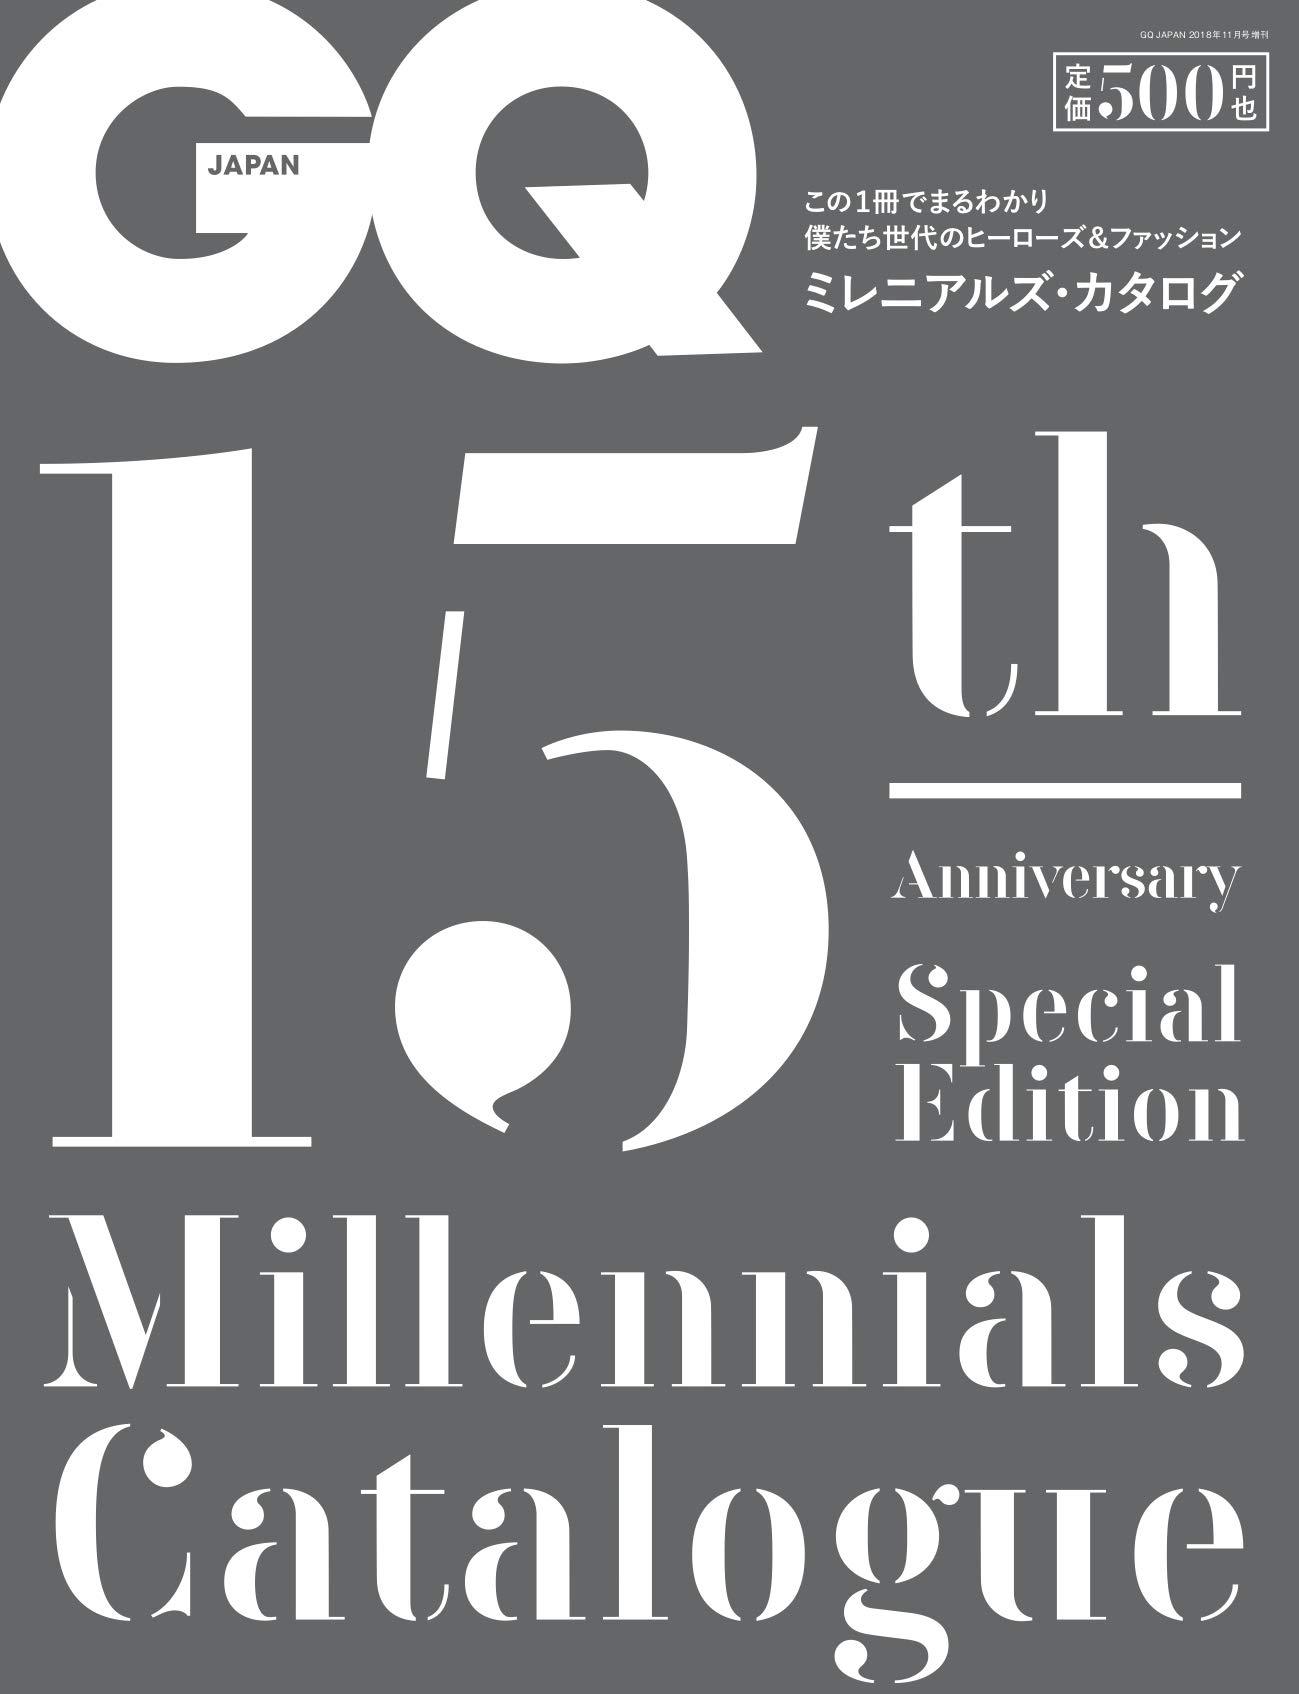 417_GQ millennials Catalogue_2018Oct